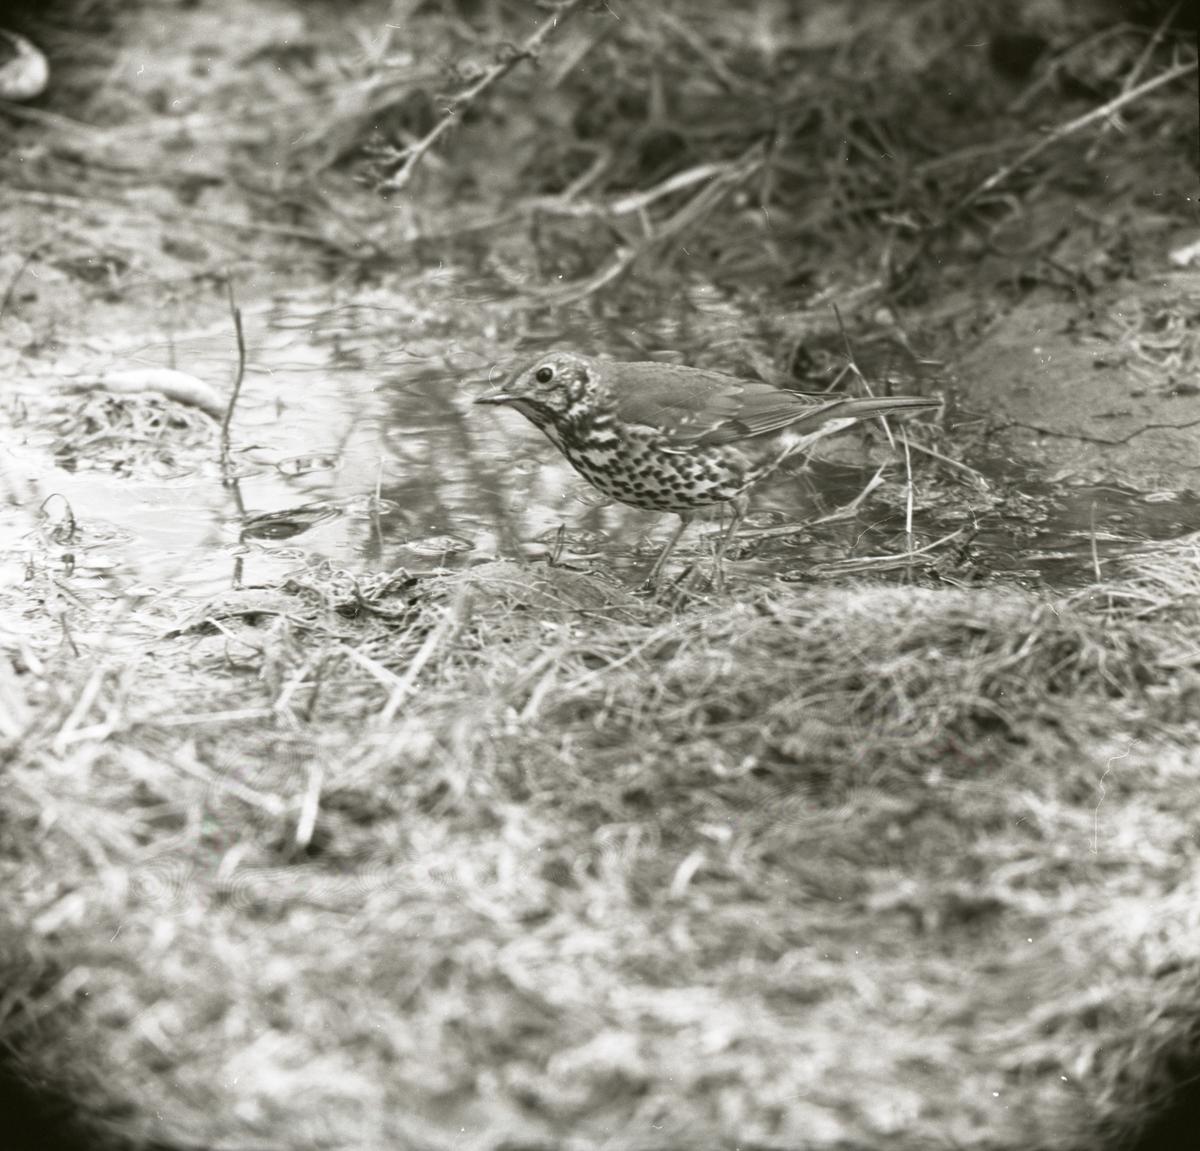 En taltrast står i en liten vattensamling, våren 1967.